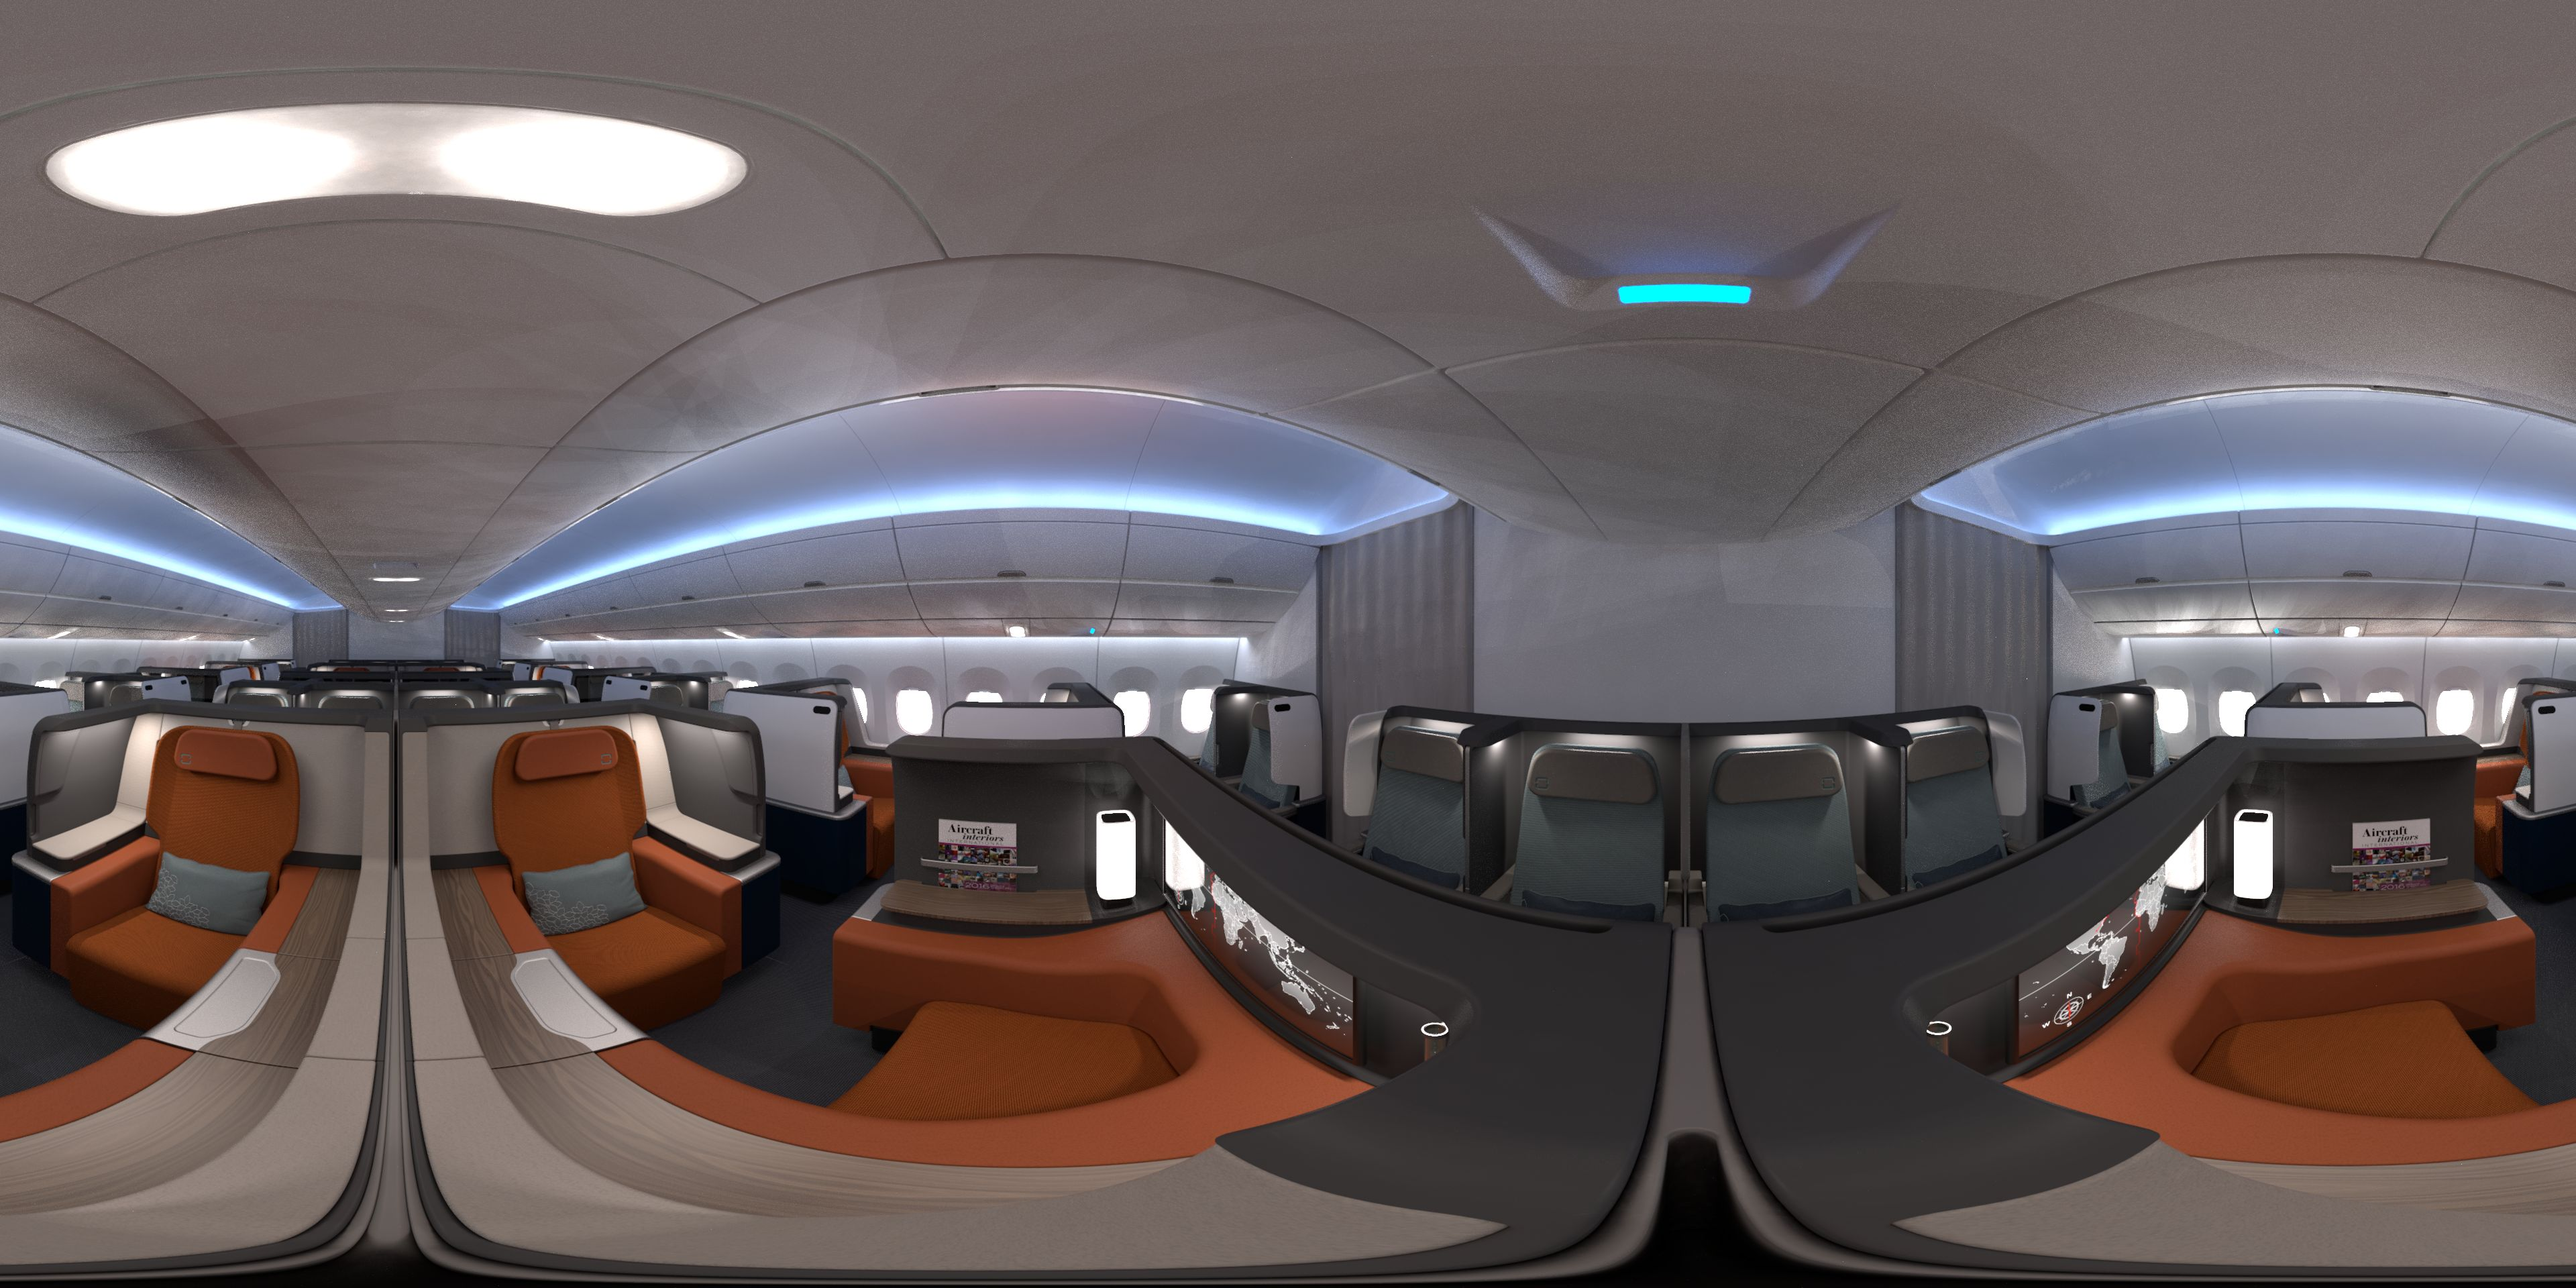 1707-keyshot-7-formation-design-aircraft-interior-VR-01.jpg